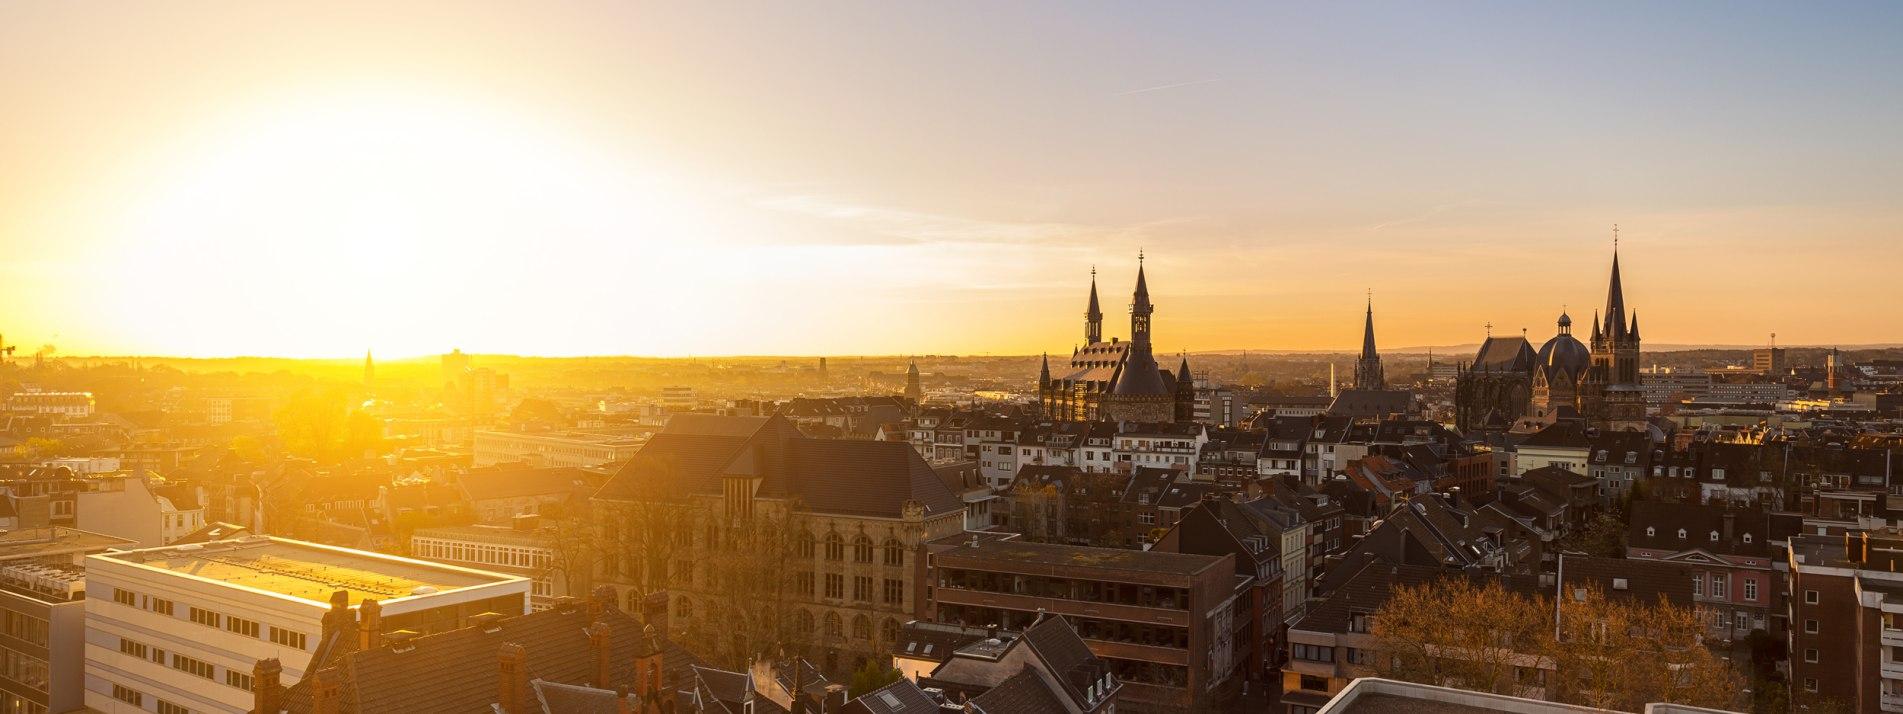 Sonnenuntergang in Aachen - BAHNHIT.DE, © getty; Foto: rclassenlayouts